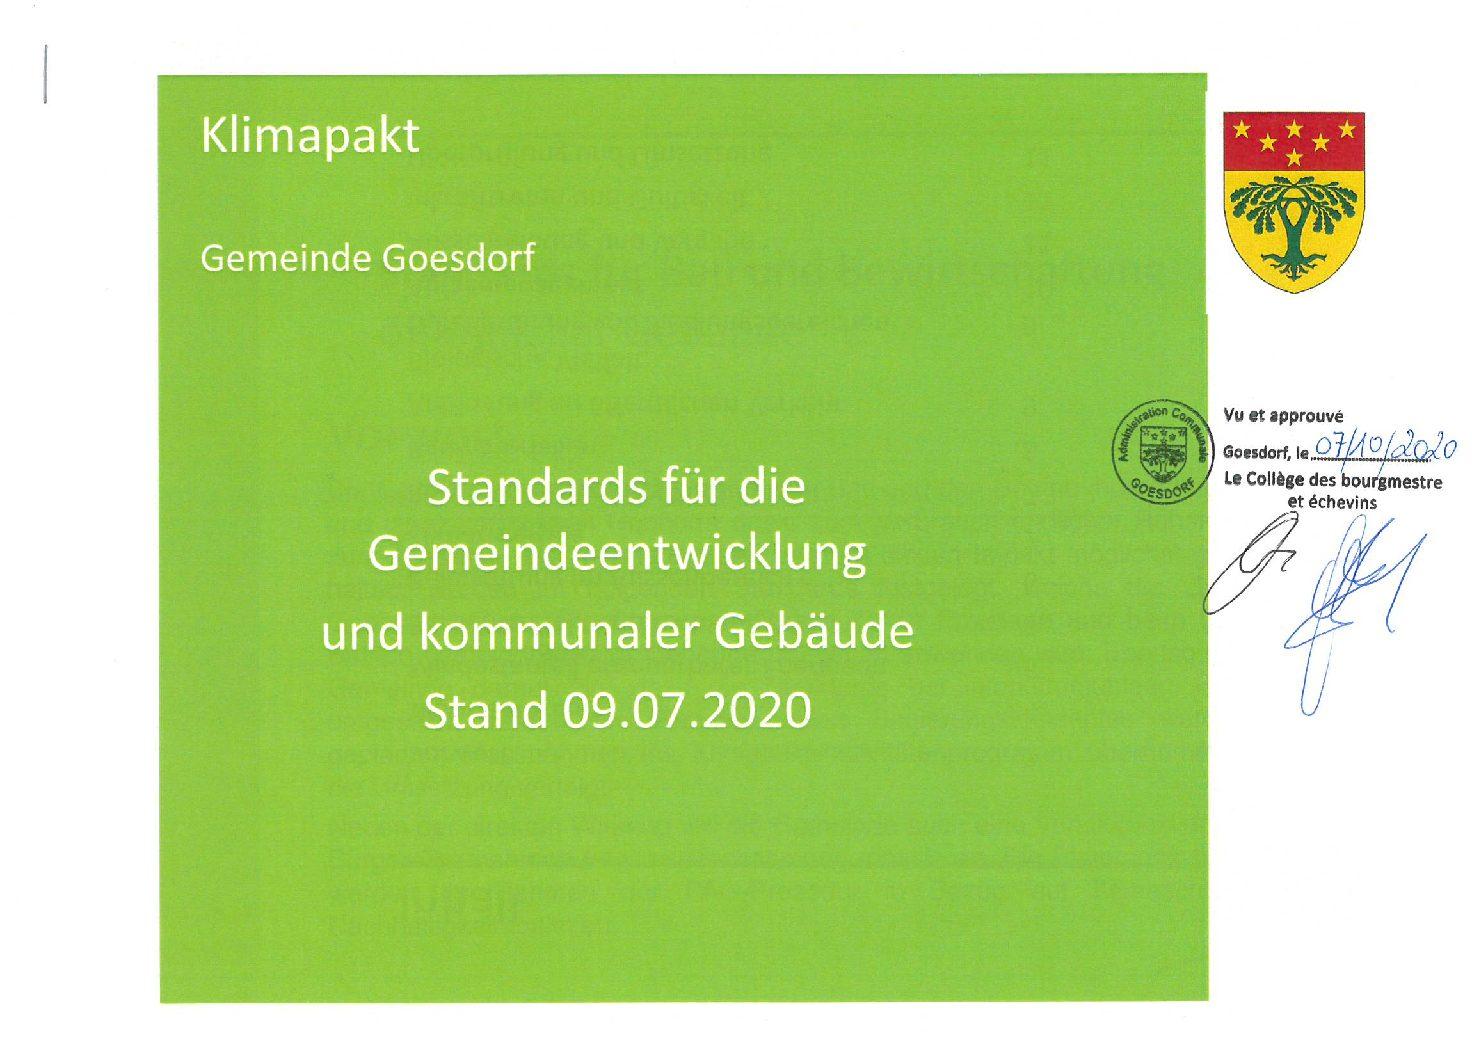 Standards für Gemeindeentwicklung und kommunale Gebäude 2020-07-10